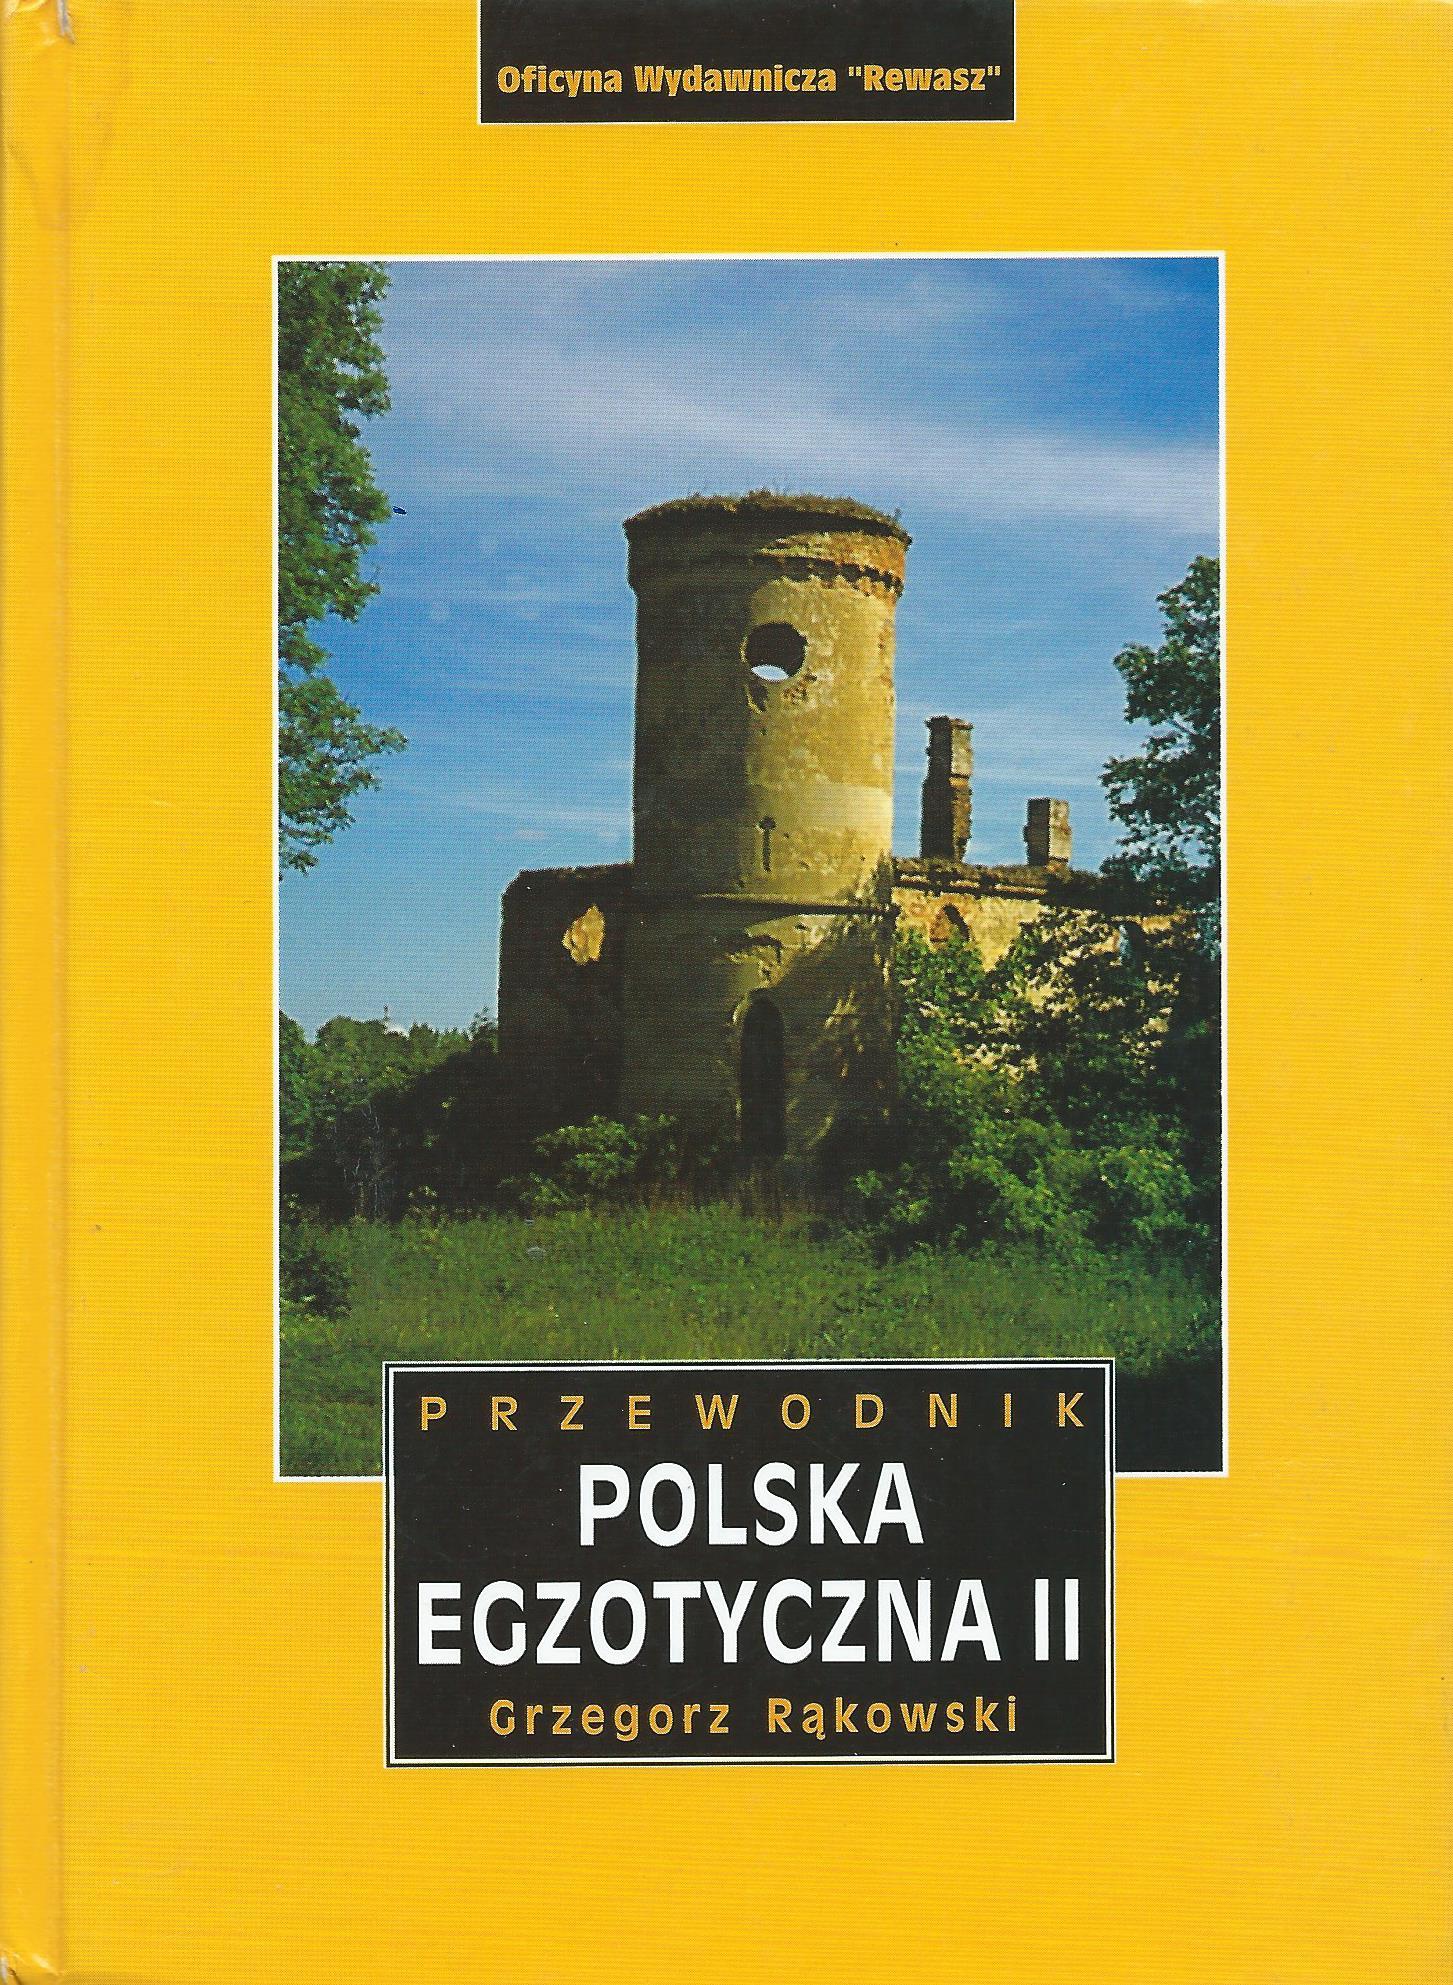 Przewodnik POLSKA EGZOTYCZNA II, autor Grzegorz Rąkowski (wydanie książkowe)